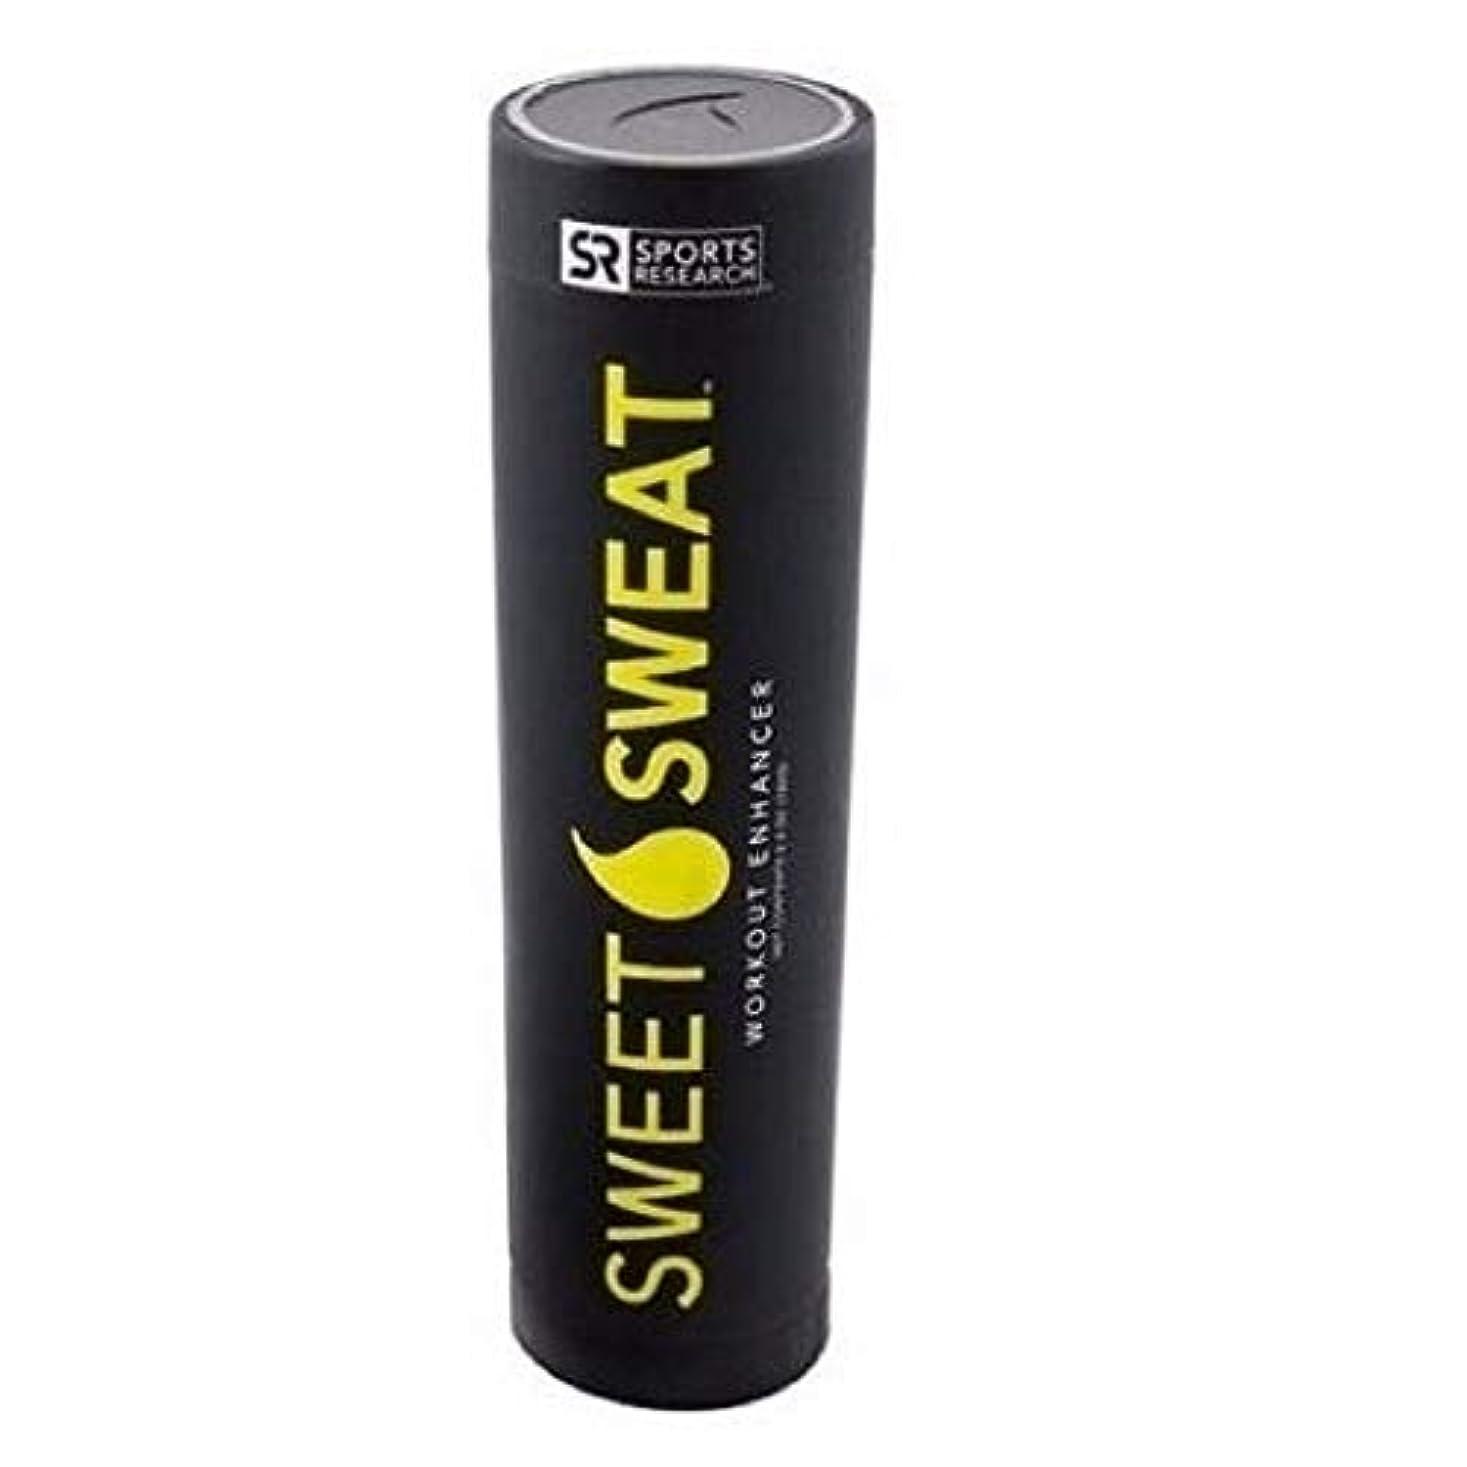 ピザ人柄擬人スイートスウェット(ボディクリーム)Sweet Sweat Stickhttpスティック型クリーム 181g[並行輸入品]